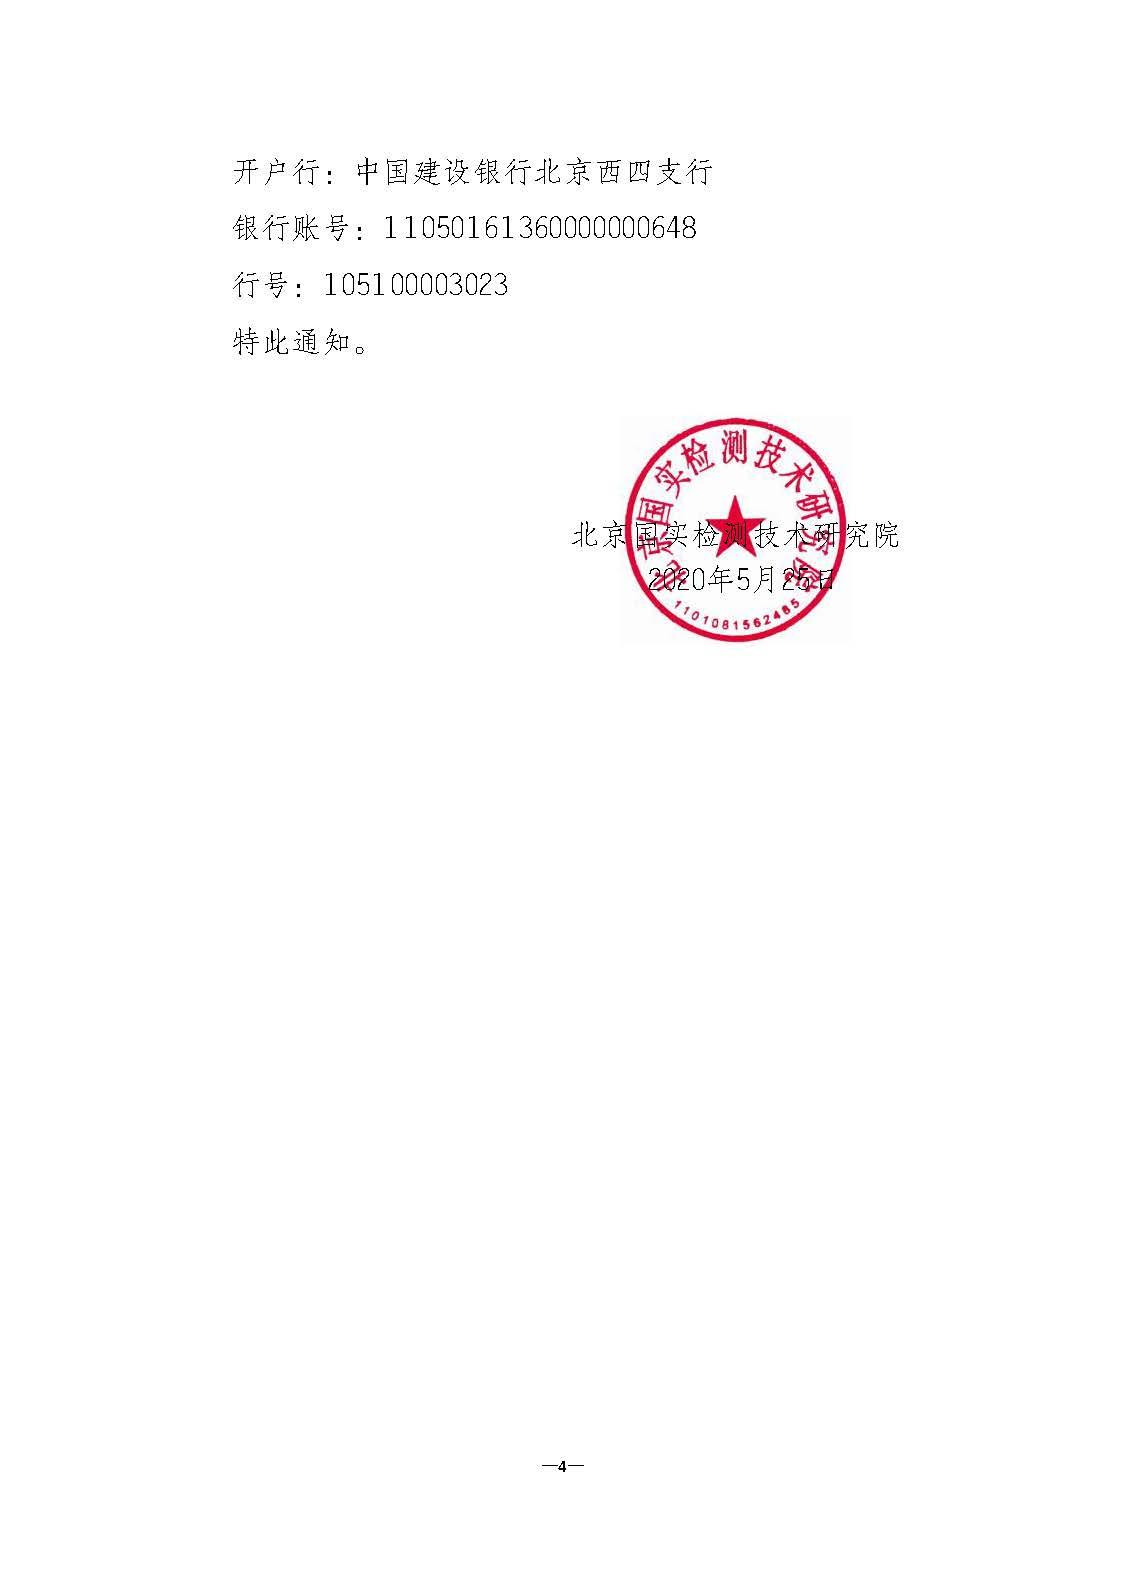 (6月22-24日黄涛)质量和技术负责人、授权签字人培训_页面_4.jpg